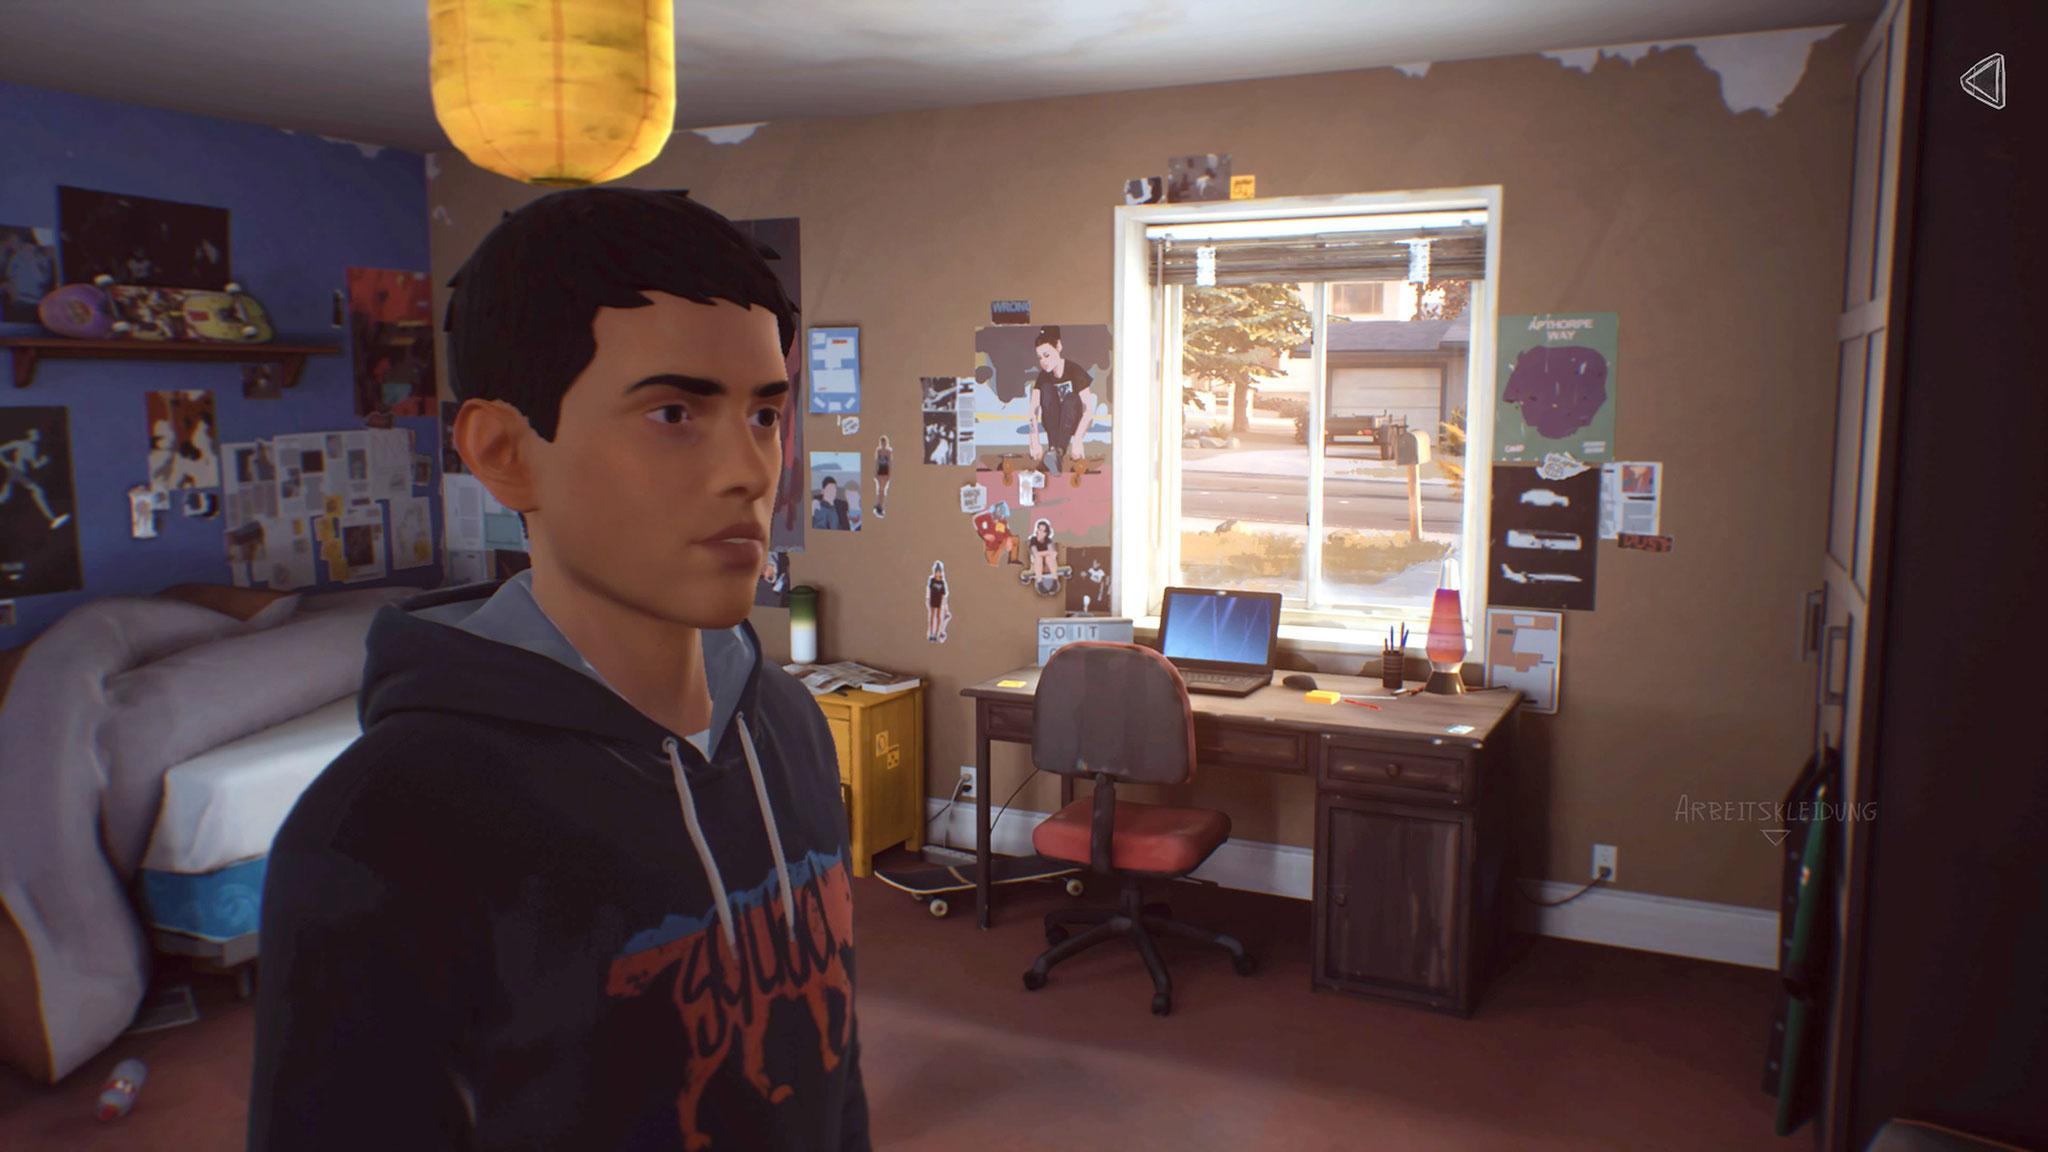 Typische Teenager-Bude: Seans Zimmer ist mit popkulturellen Artefakten der aktuellen Zeit vollgestopft. Wer ganz genau hinsieht, entdeckt aber außerdem jede Menge altmodischen Nerd-Kram.